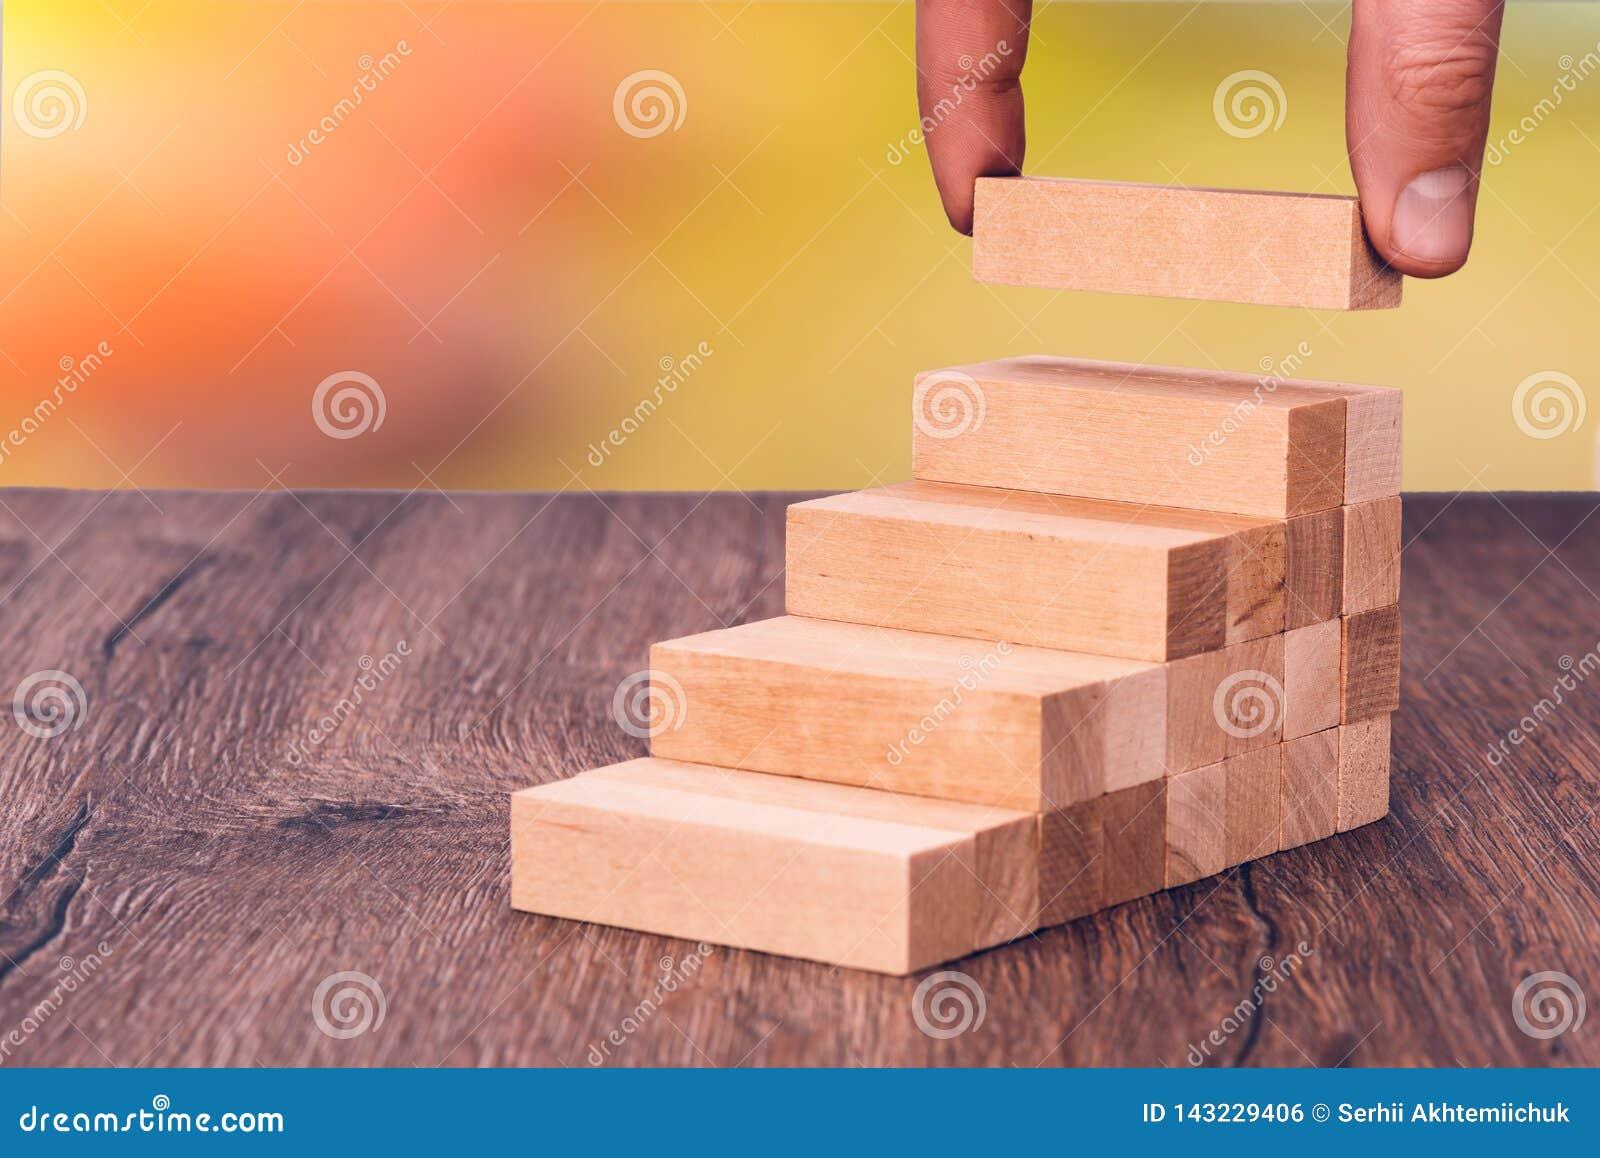 L homme construit une échelle en bois Concept : développement stable